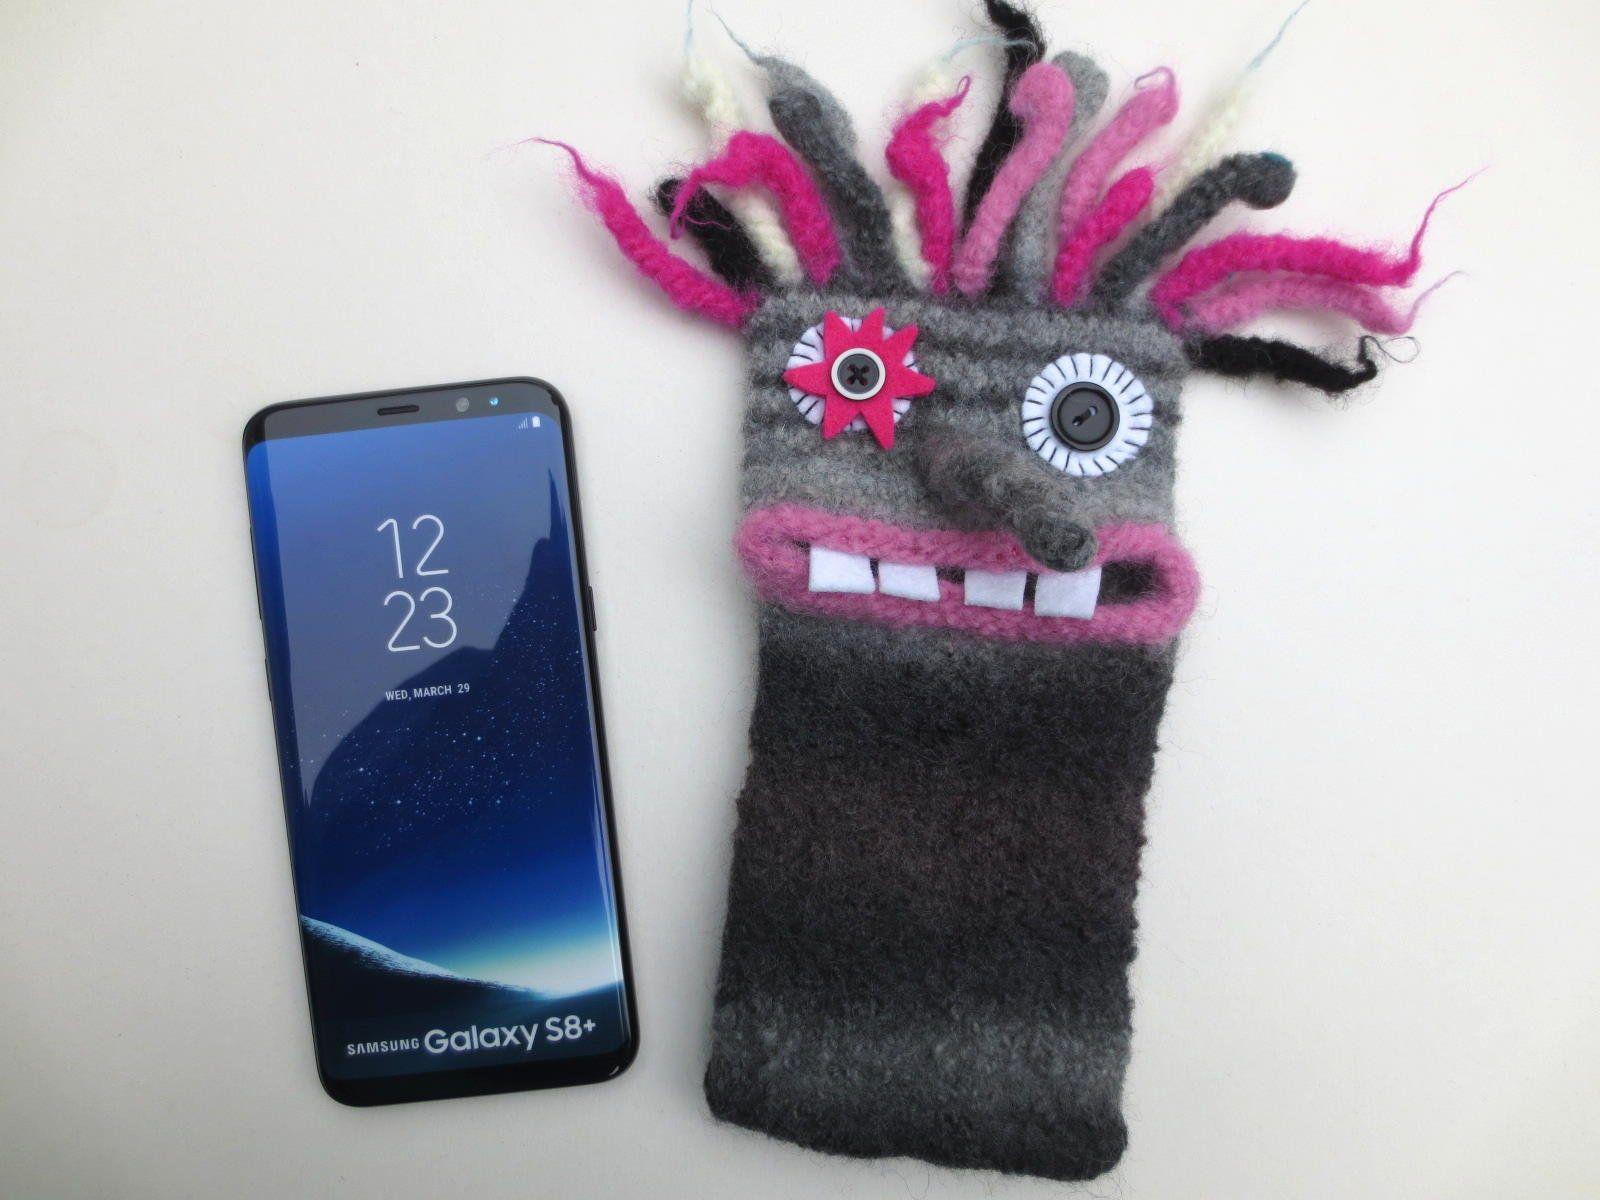 Handytasche Rudiger Monster Smartphone Filz Gefilzt Handy Hulle Samsung Galaxy S8 S 9 J7 S6 E Smartphone Mobile Phone Bag Samsung Galaxy S6 Edge